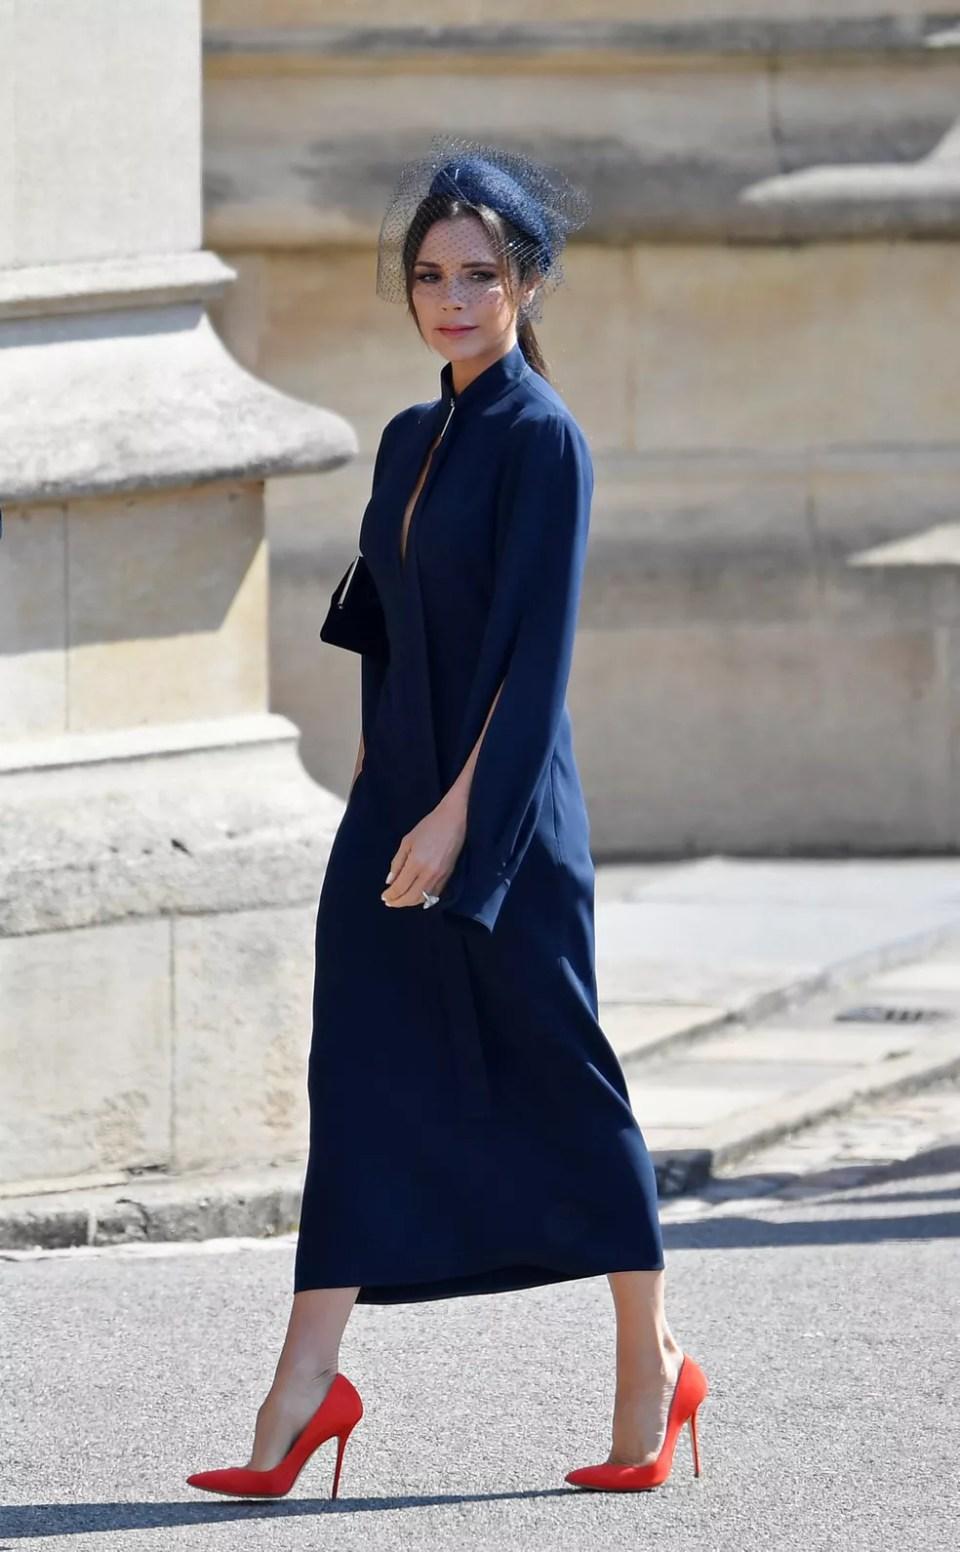 David e Victoria Beckham chegam para o casamento de Harry e Meghan (Foto: Toby Melville/Pool/Reuters)